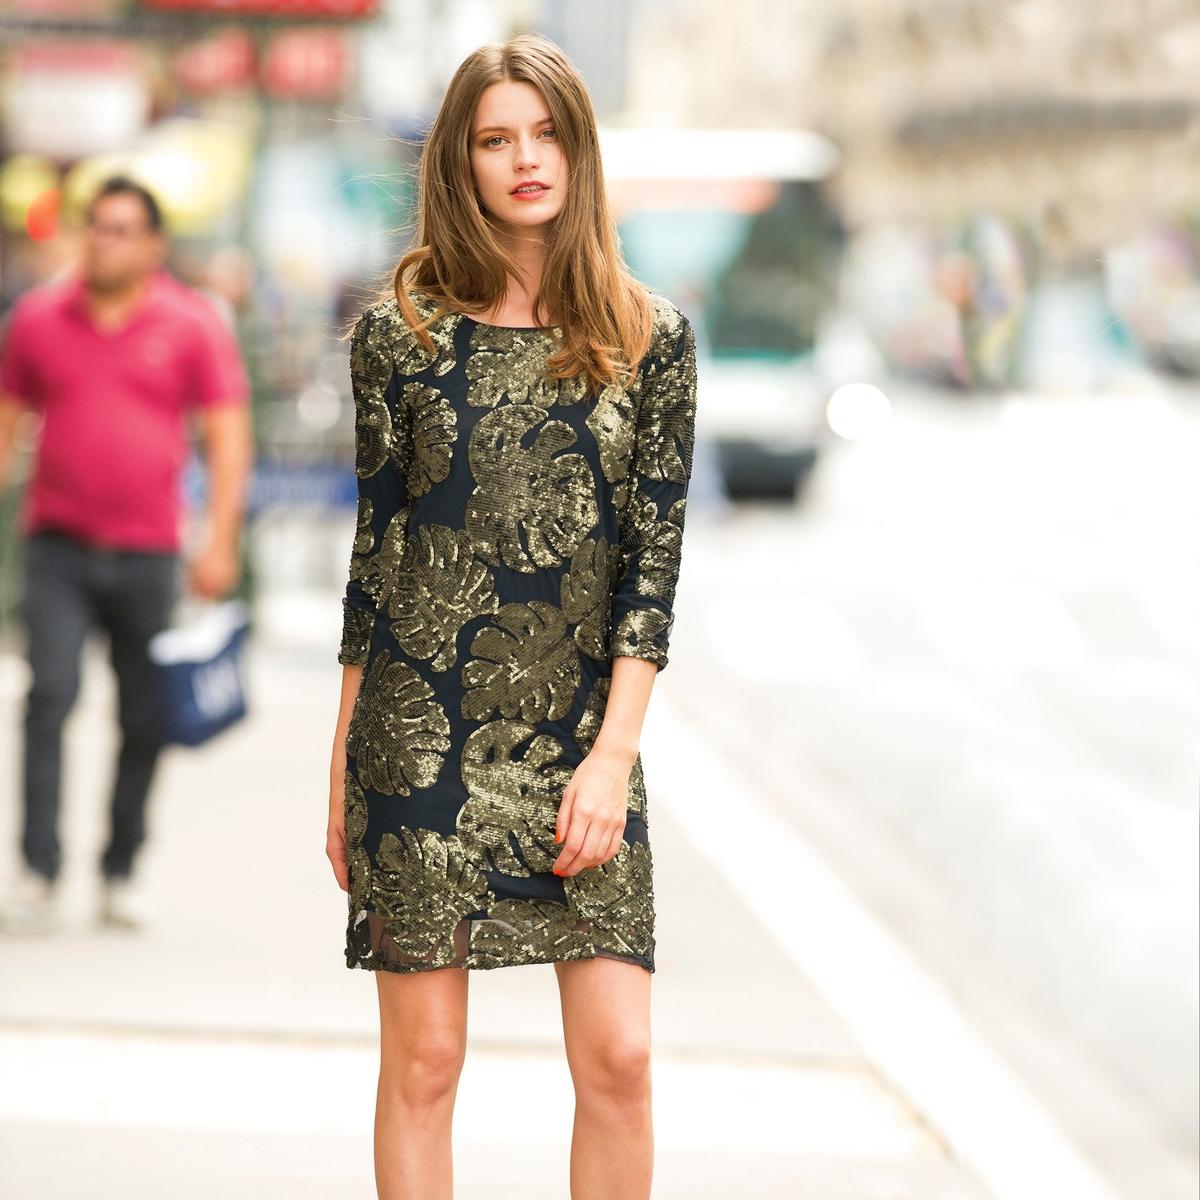 Платье с большим V-образным вырезом сзади и рукавами 3/4Красивая модель Soft Grey из вуали, 100% полиамида, с тропическим узором пайеток. Платье простого покроя. Вырез-лодочка. Большой V-образный вырез сзади. Рукава 3/4. Полностью на подкладке из 100% хлопка. Длина ок. 90 см.<br><br>Цвет: рисунок/зеленый фон<br>Размер: 40 (FR) - 46 (RUS).44 (FR) - 50 (RUS)